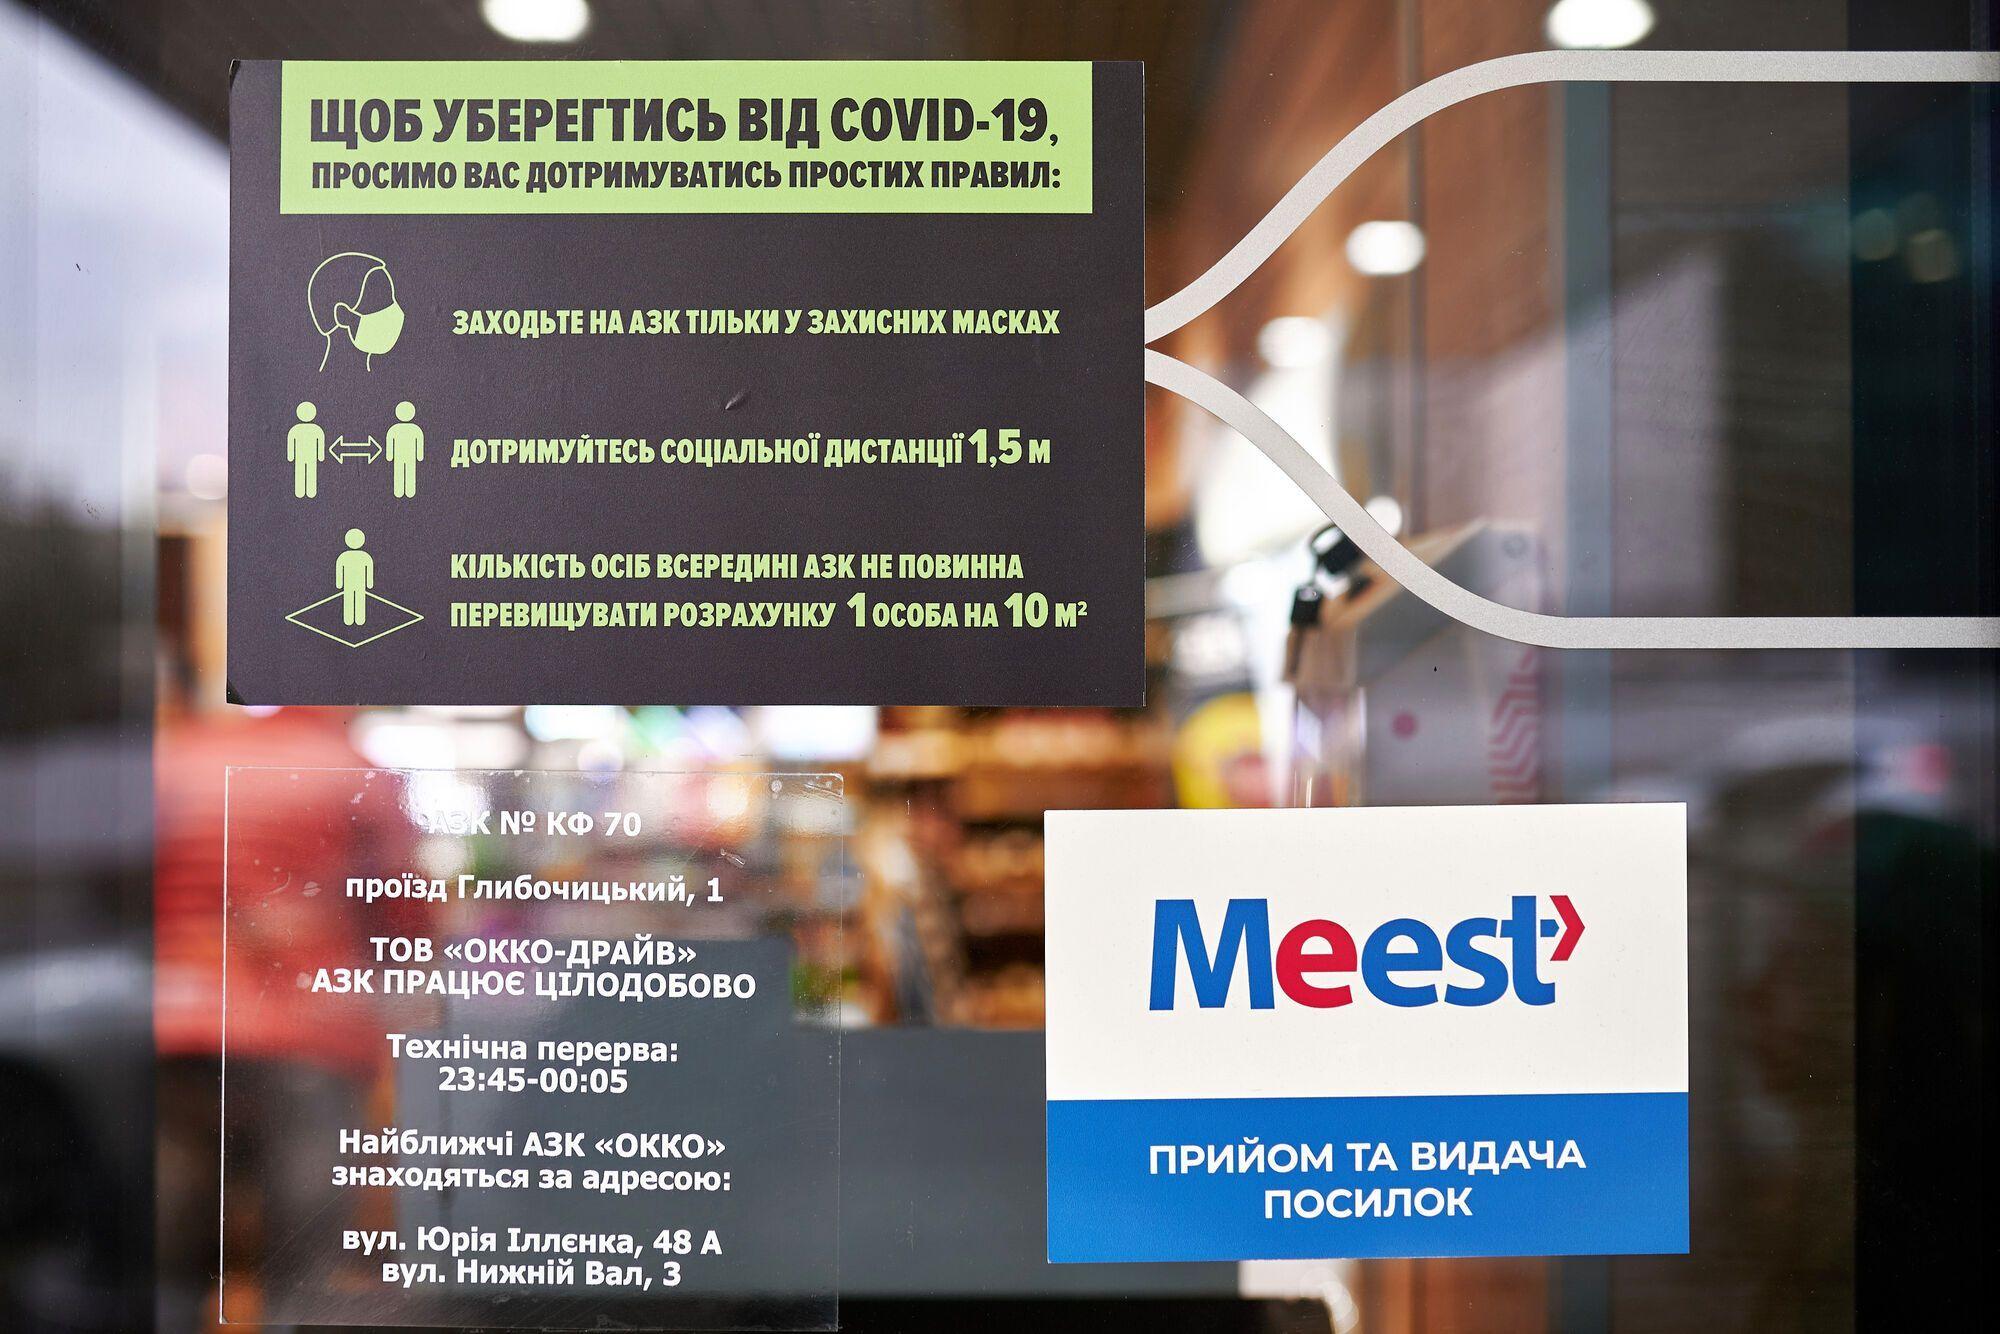 Помимо стандартного формата отправлений, через отделения Meest можно воспользоваться сверхбыстрой доставкой по Киеву за 5 часов